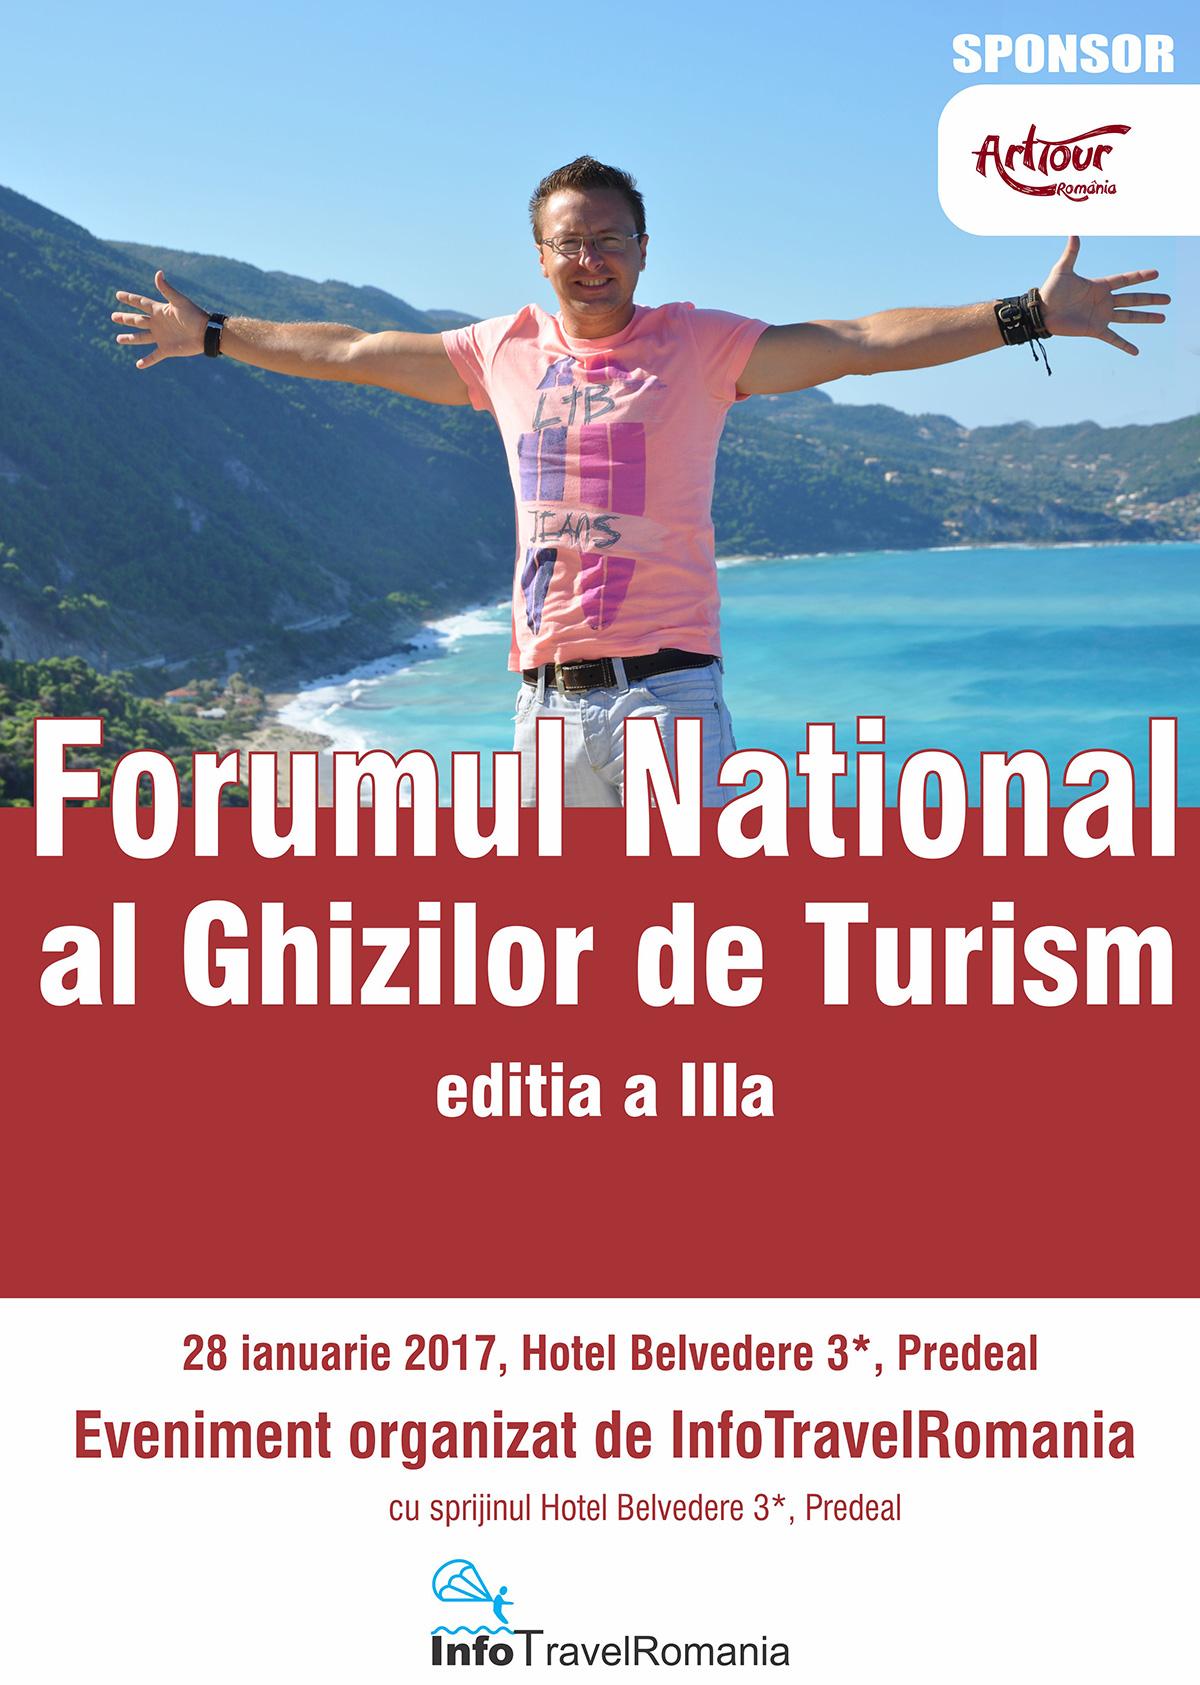 Forumul Ghizilor de Turism editia a III-a